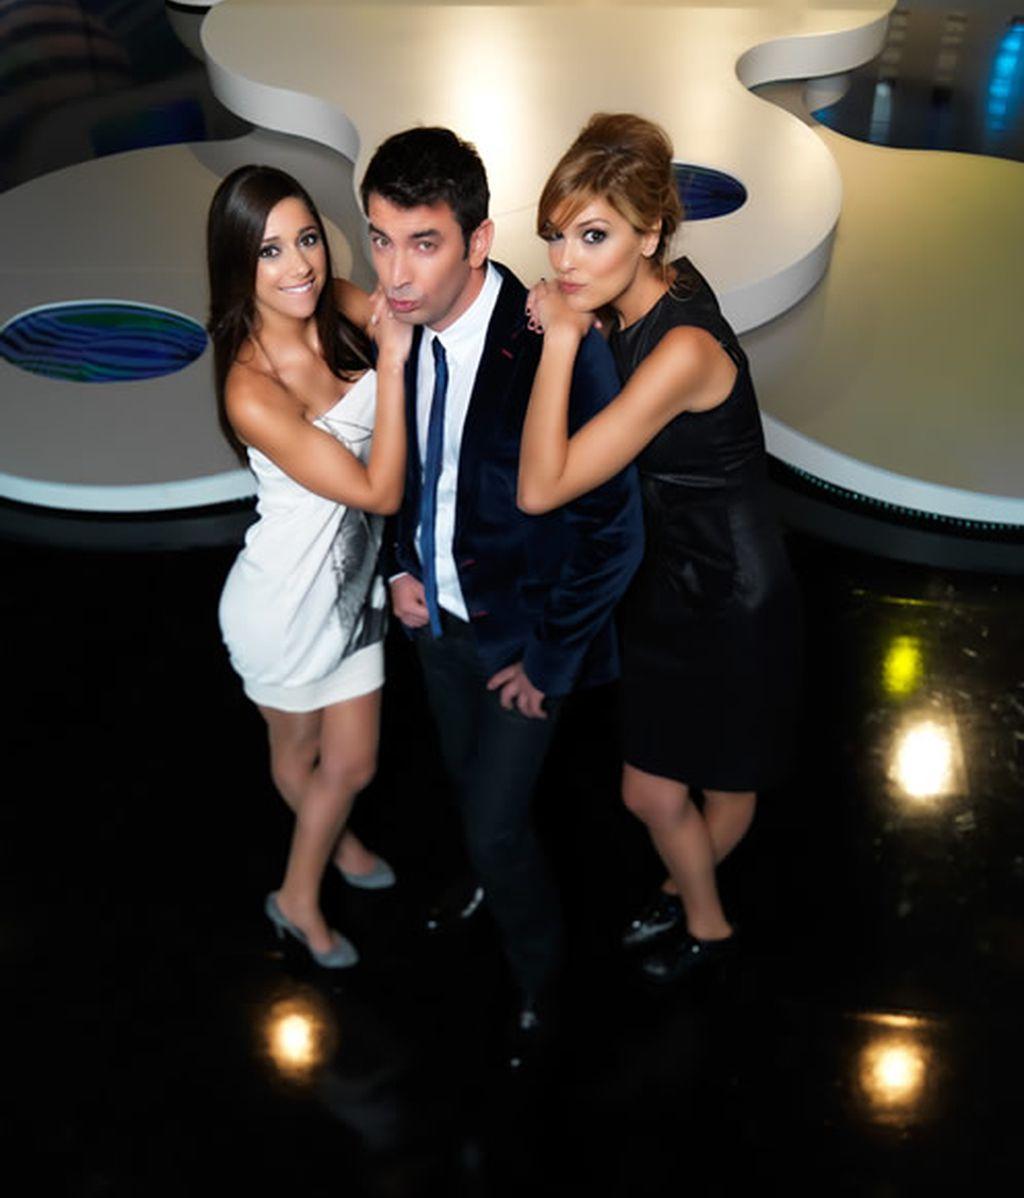 Arturo Valls, Mariam Hernández y Cristina Urgel, presentadores de Vaya Tropa